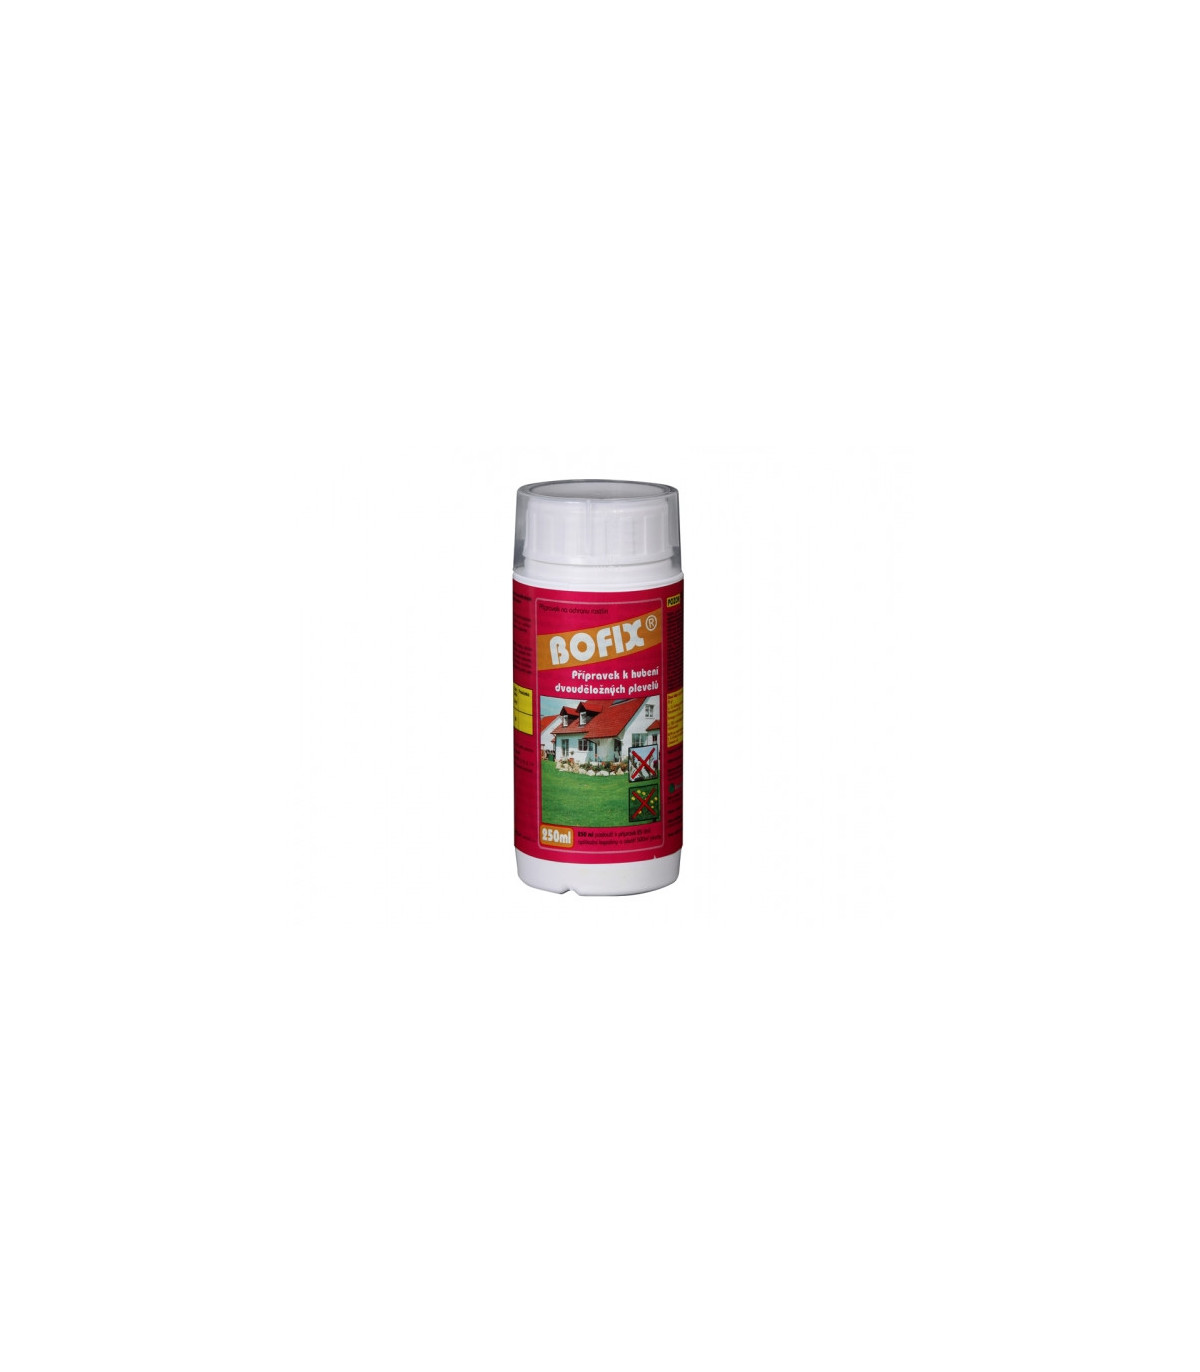 Bofix - prípravok na likvidáciu buriny - Floraservis - ochrana rastlín - 250 ml